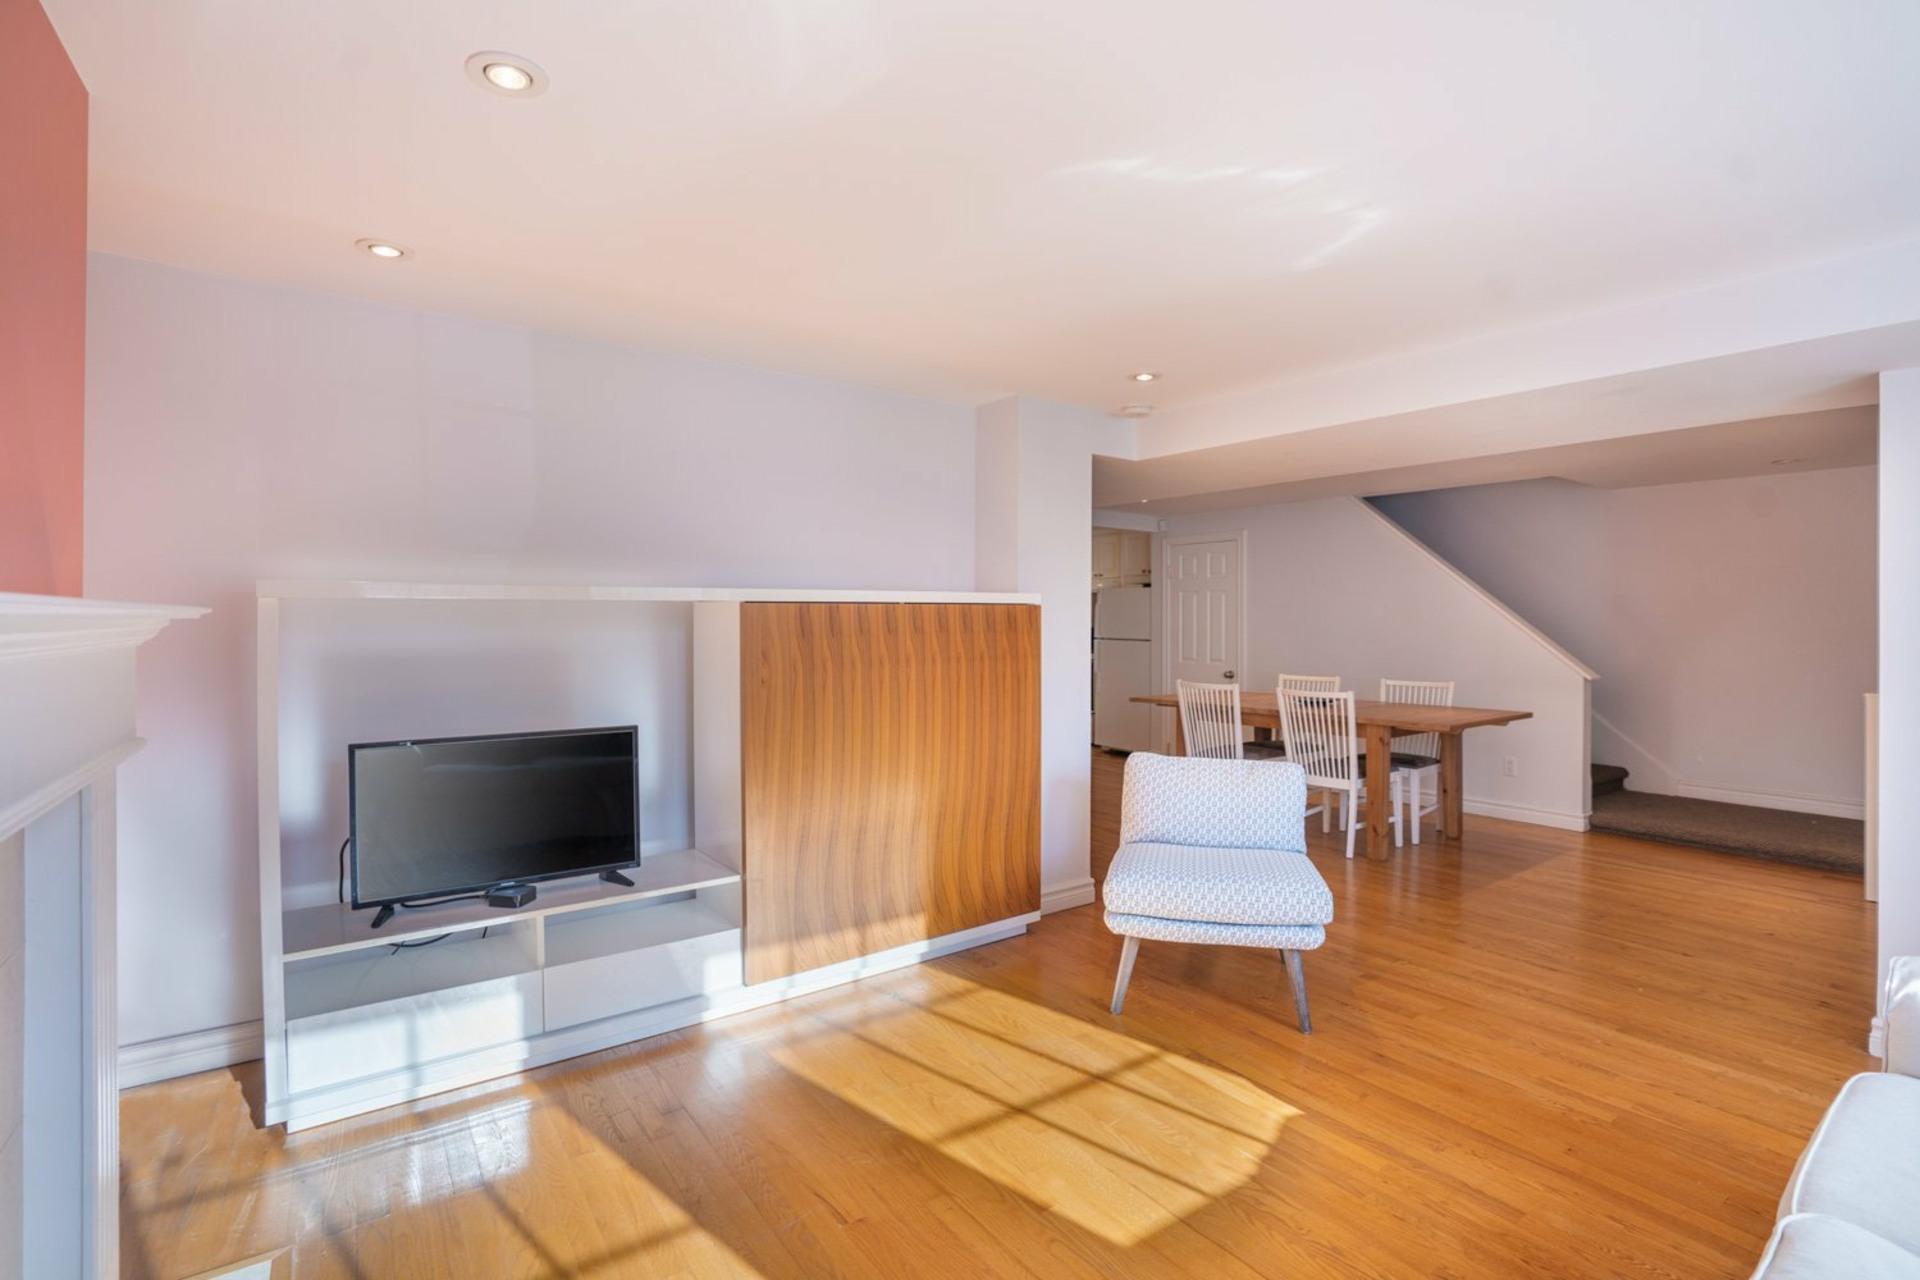 image 3 - Apartment For sale Côte-des-Neiges/Notre-Dame-de-Grâce Montréal  - 4 rooms